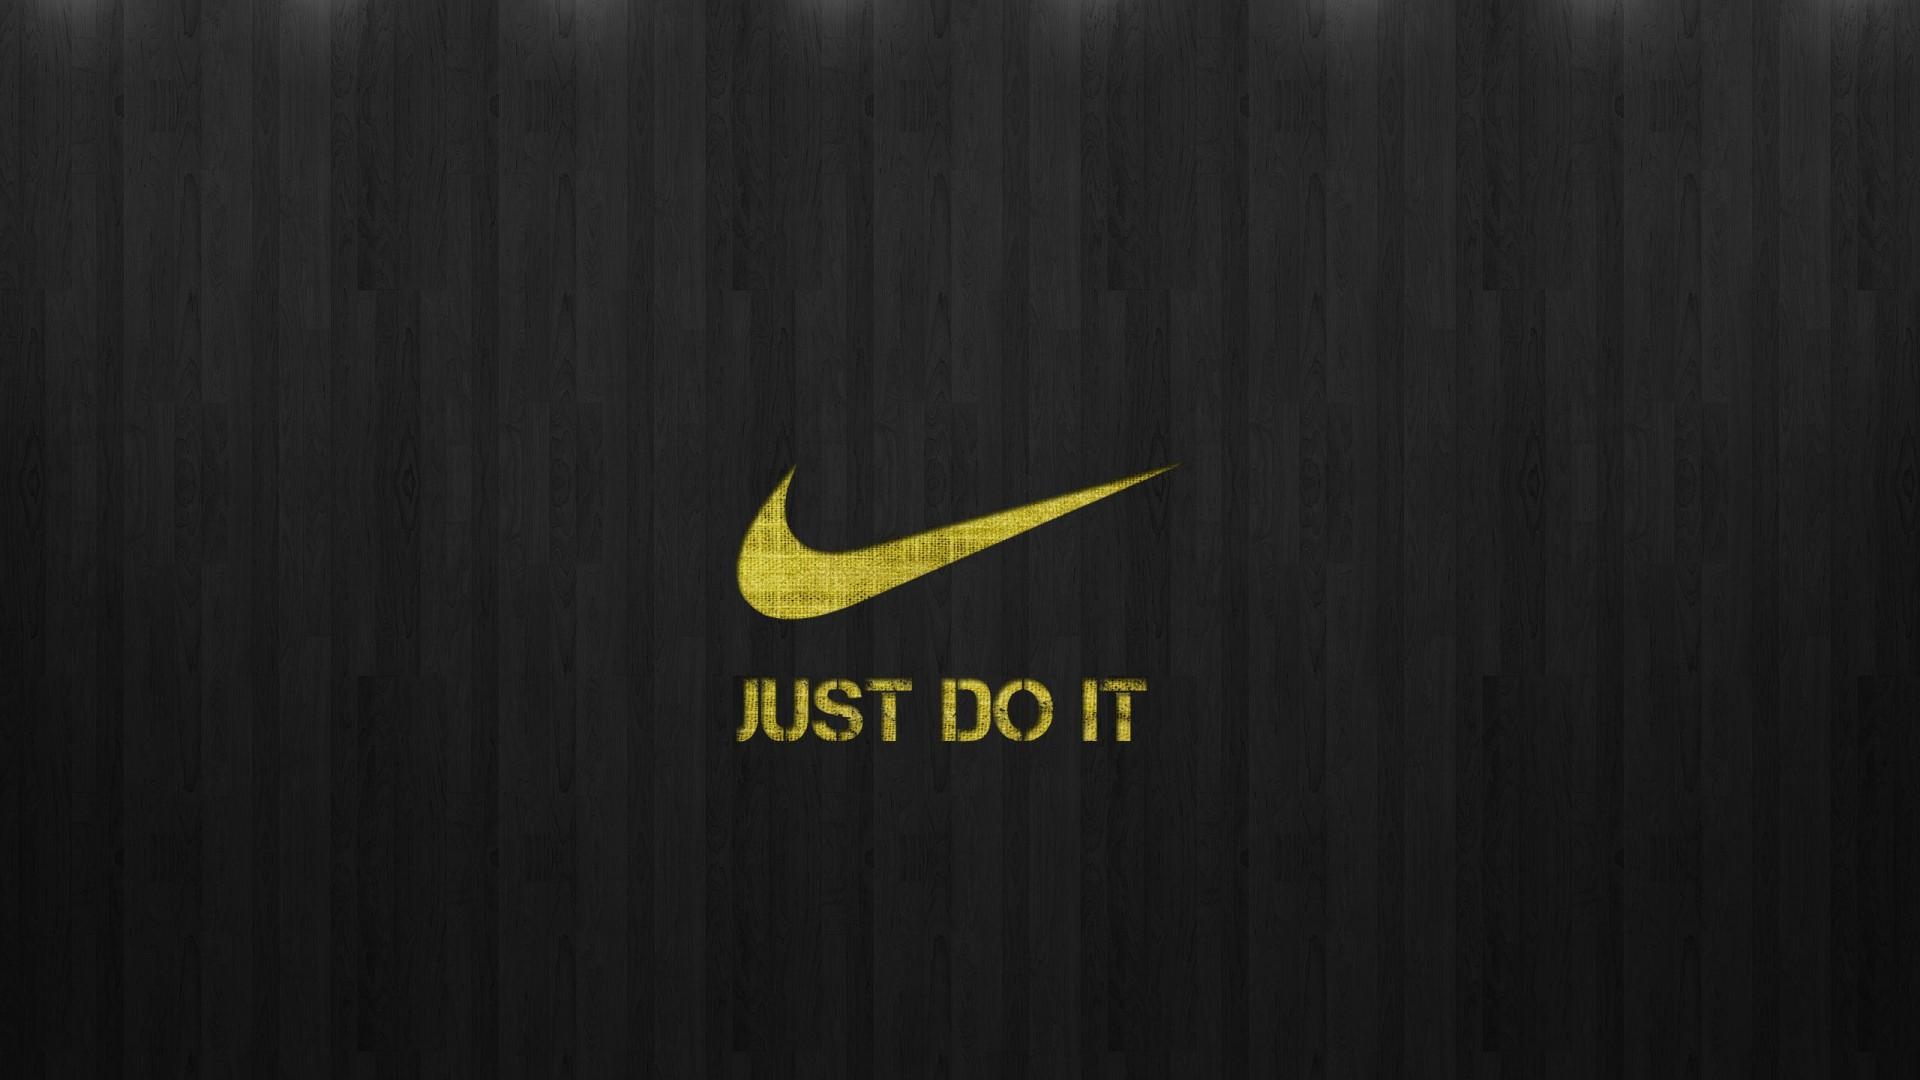 【2019年の最高】 ナイキ Just Do It 壁紙 - Irasutonkeren